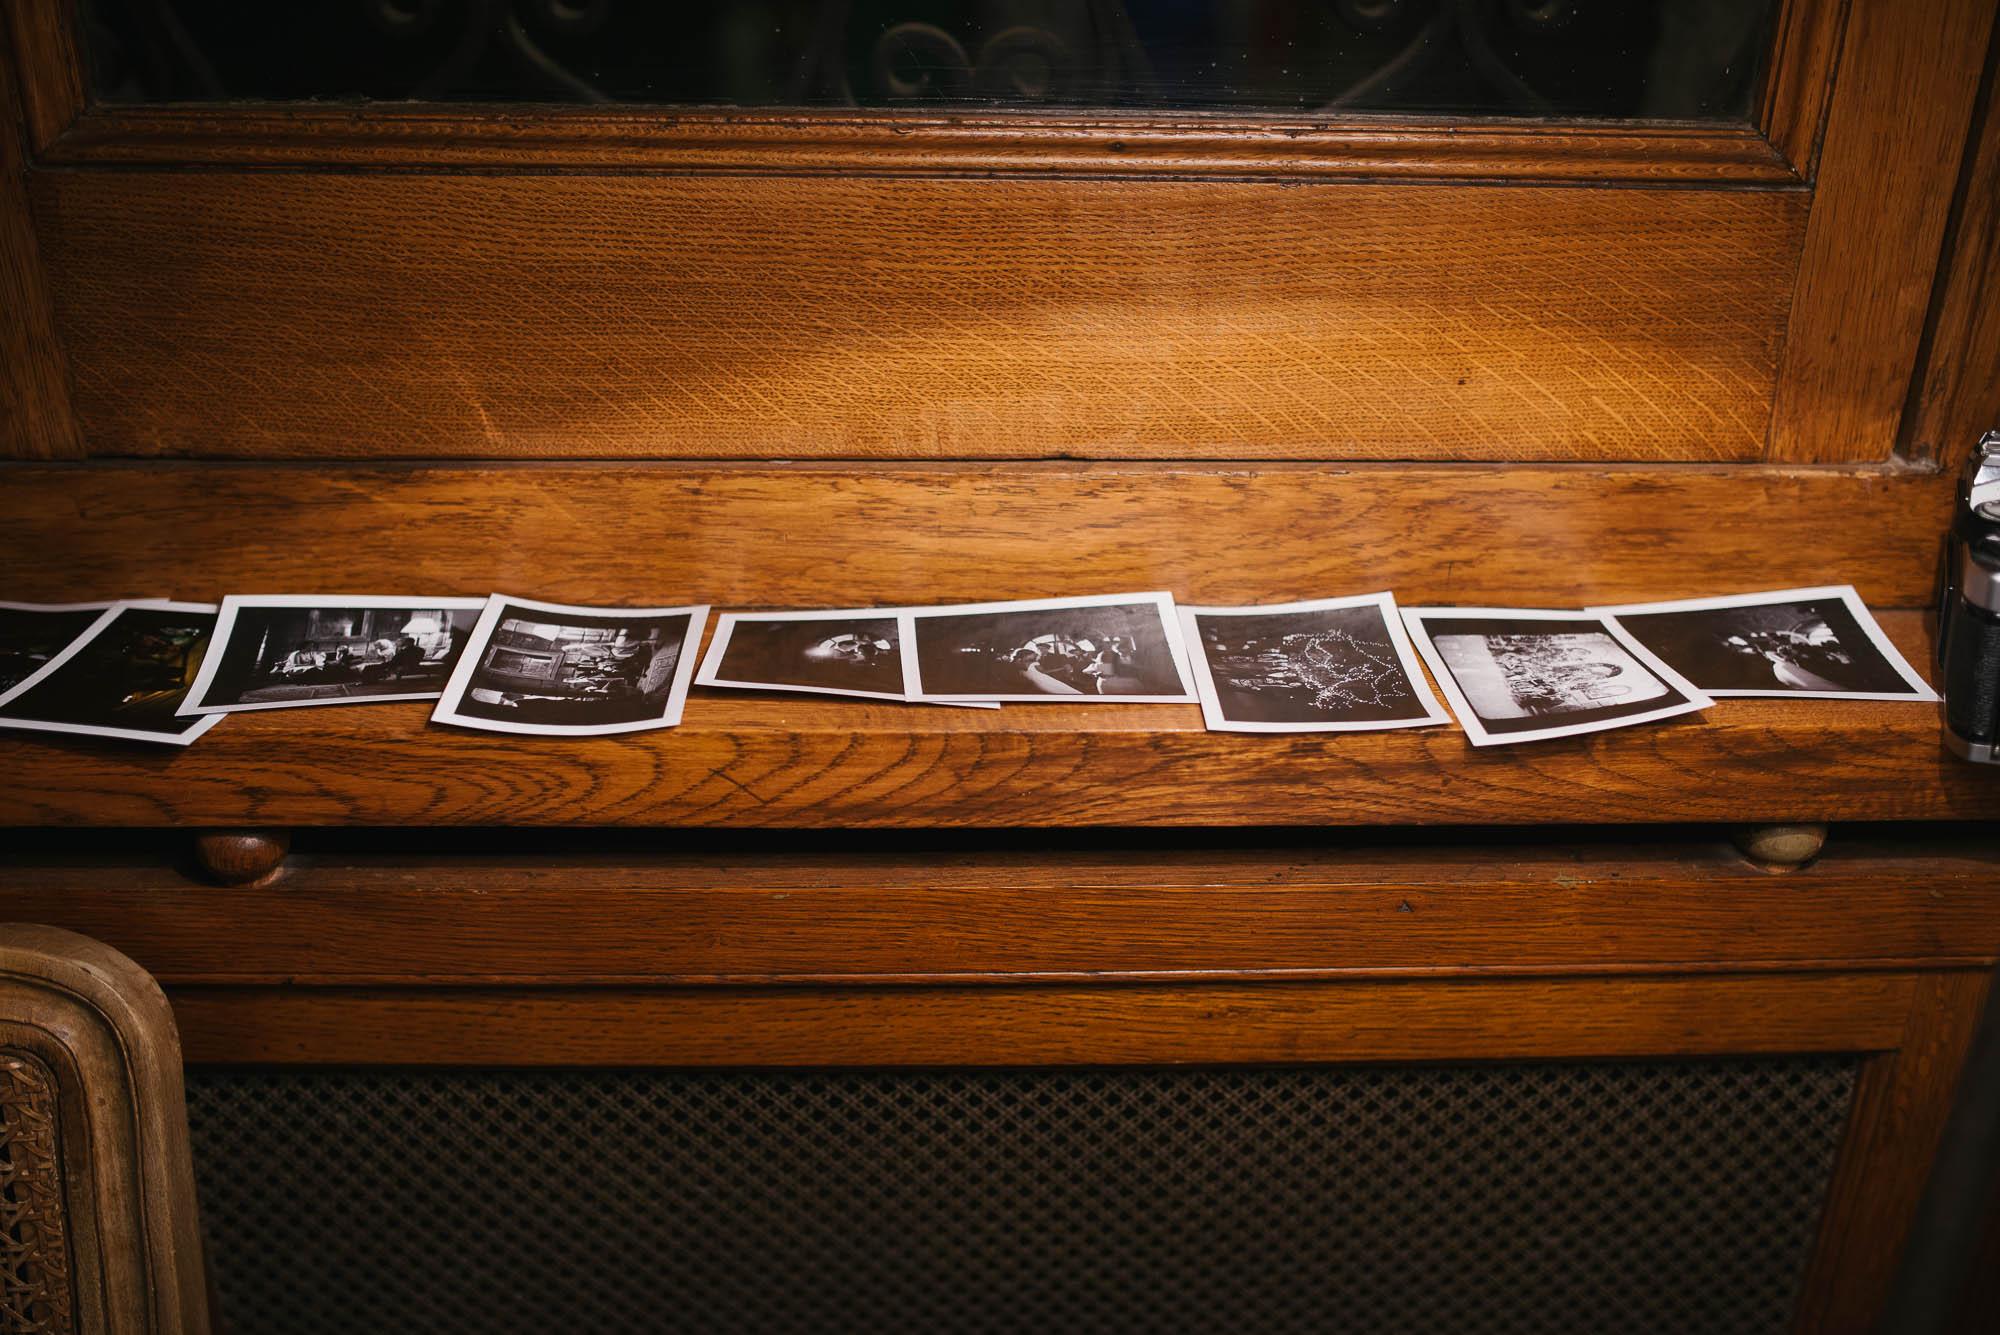 Unas fotografías impresas del día de la boda